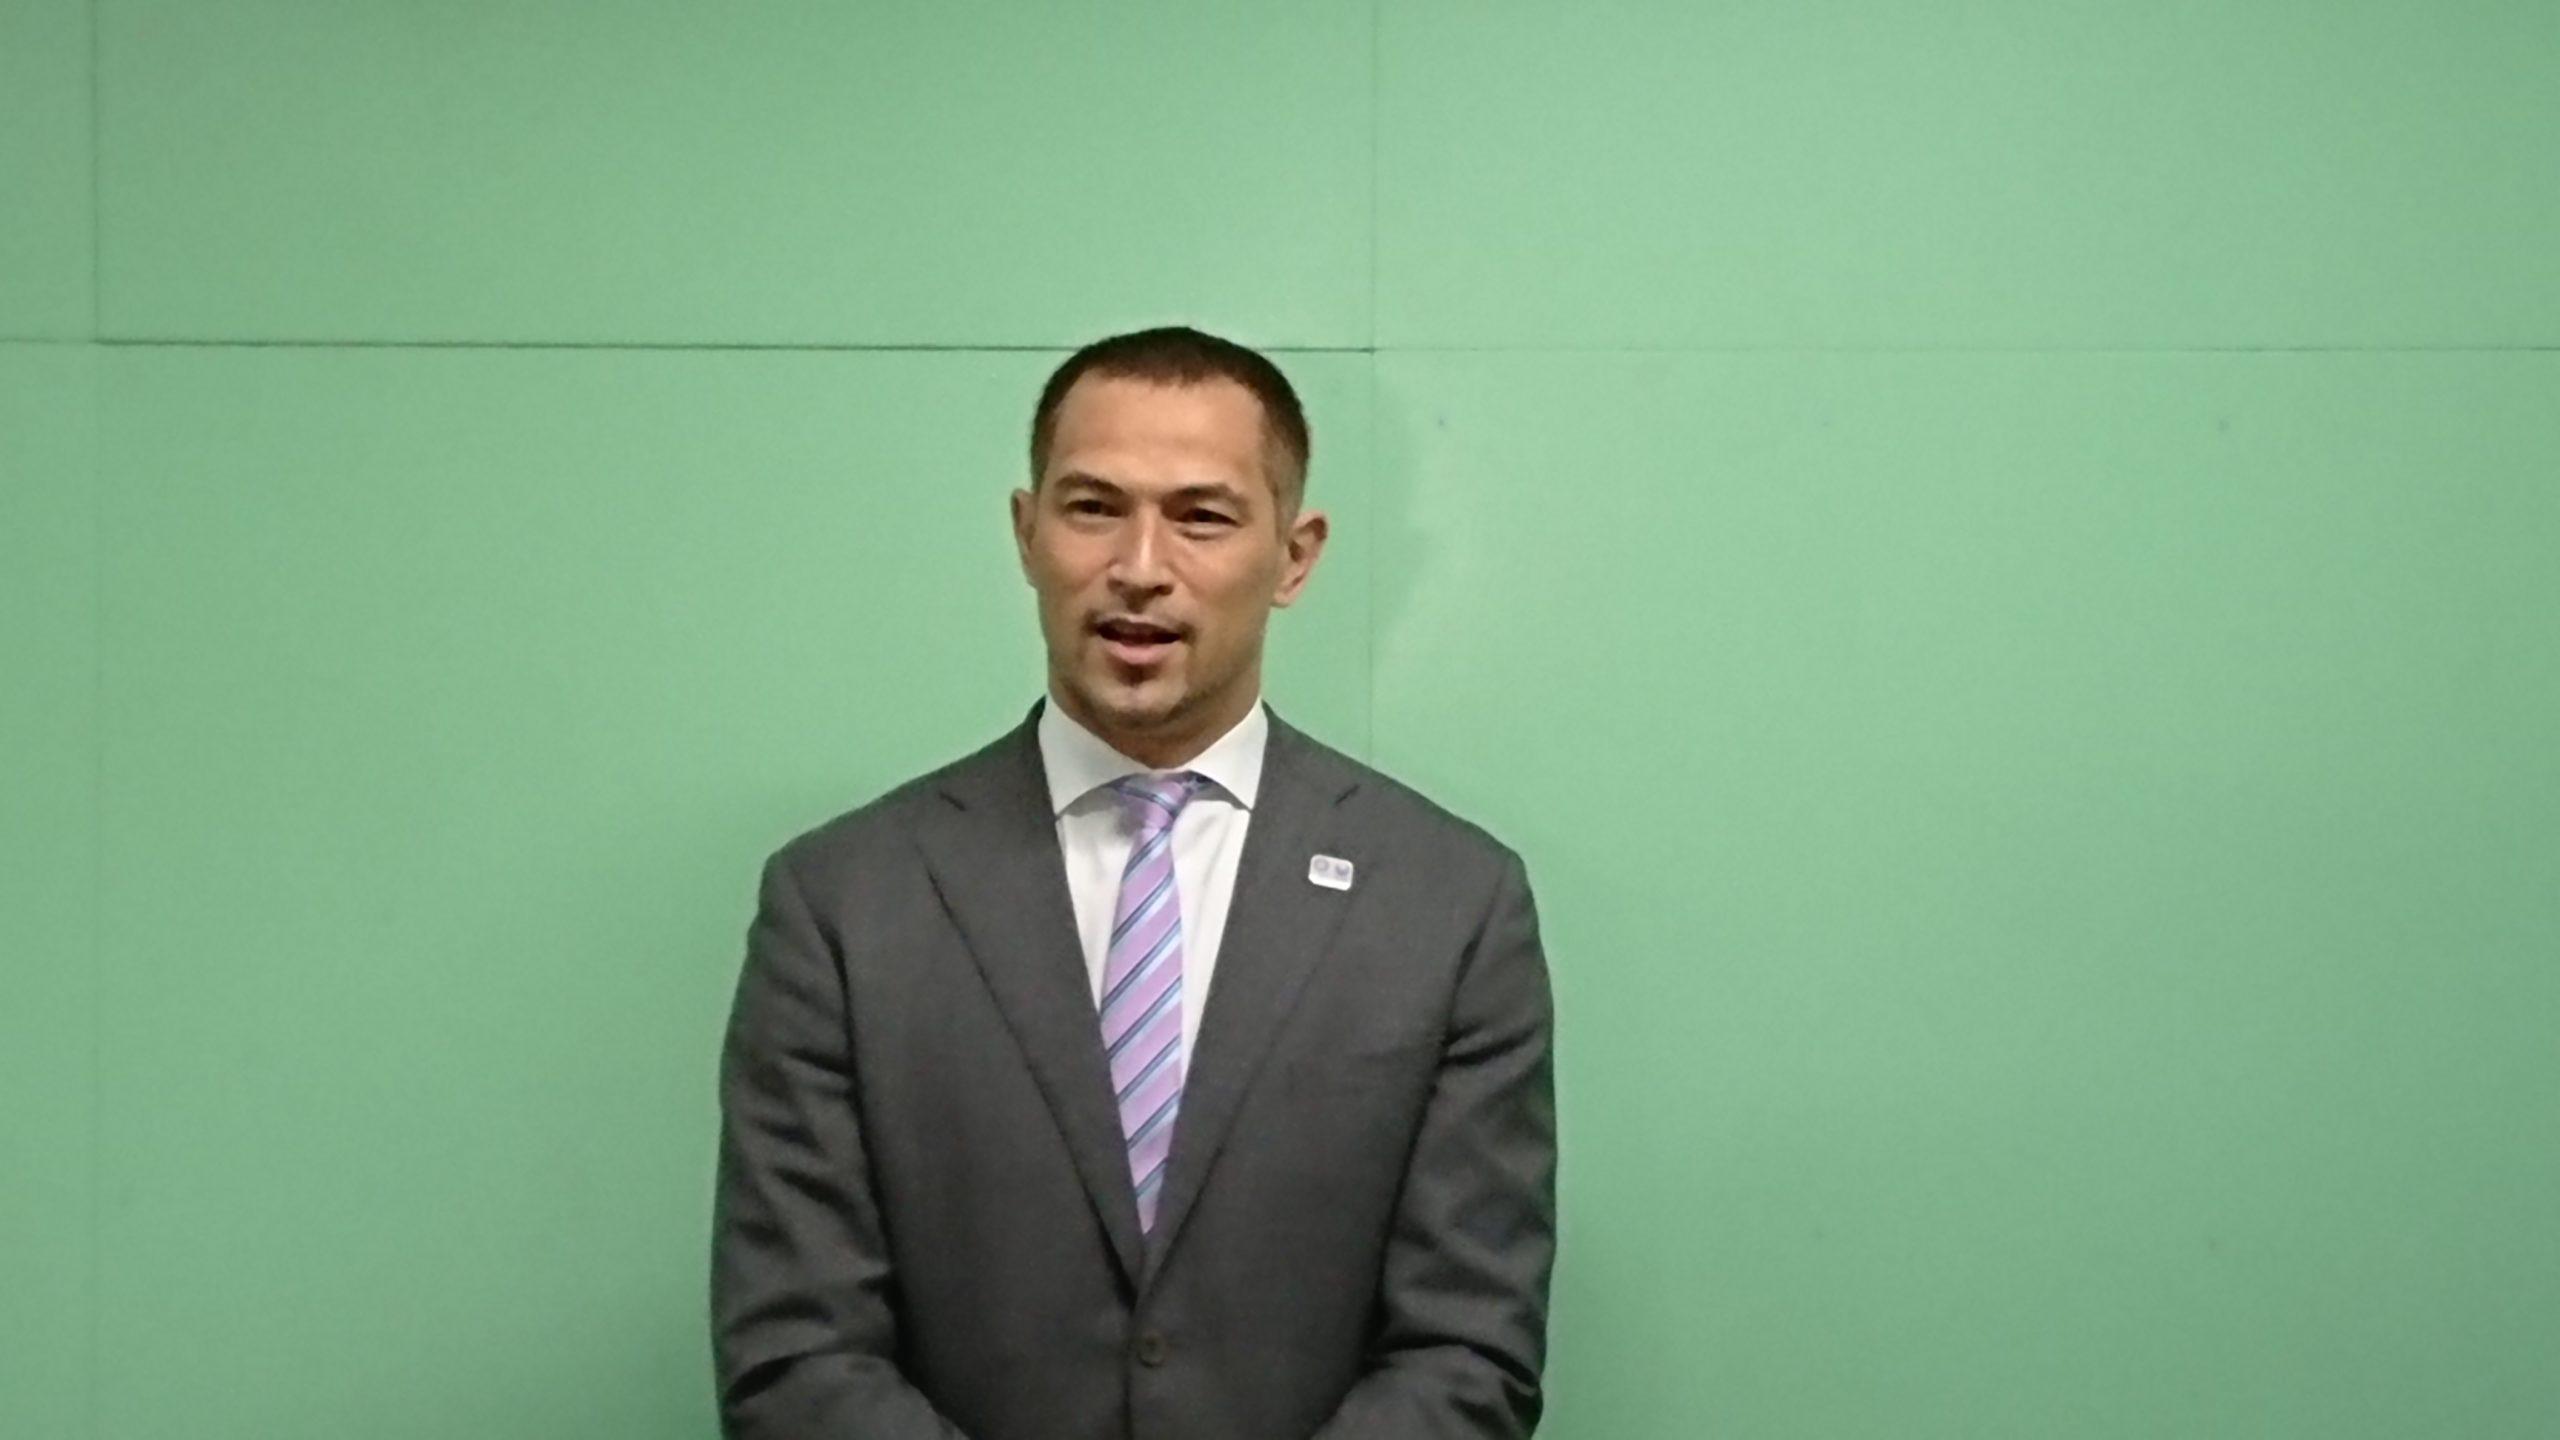 スポーツ庁の室伏広治長官が全国中学大会を視察「コロナ禍を忘れるほど」